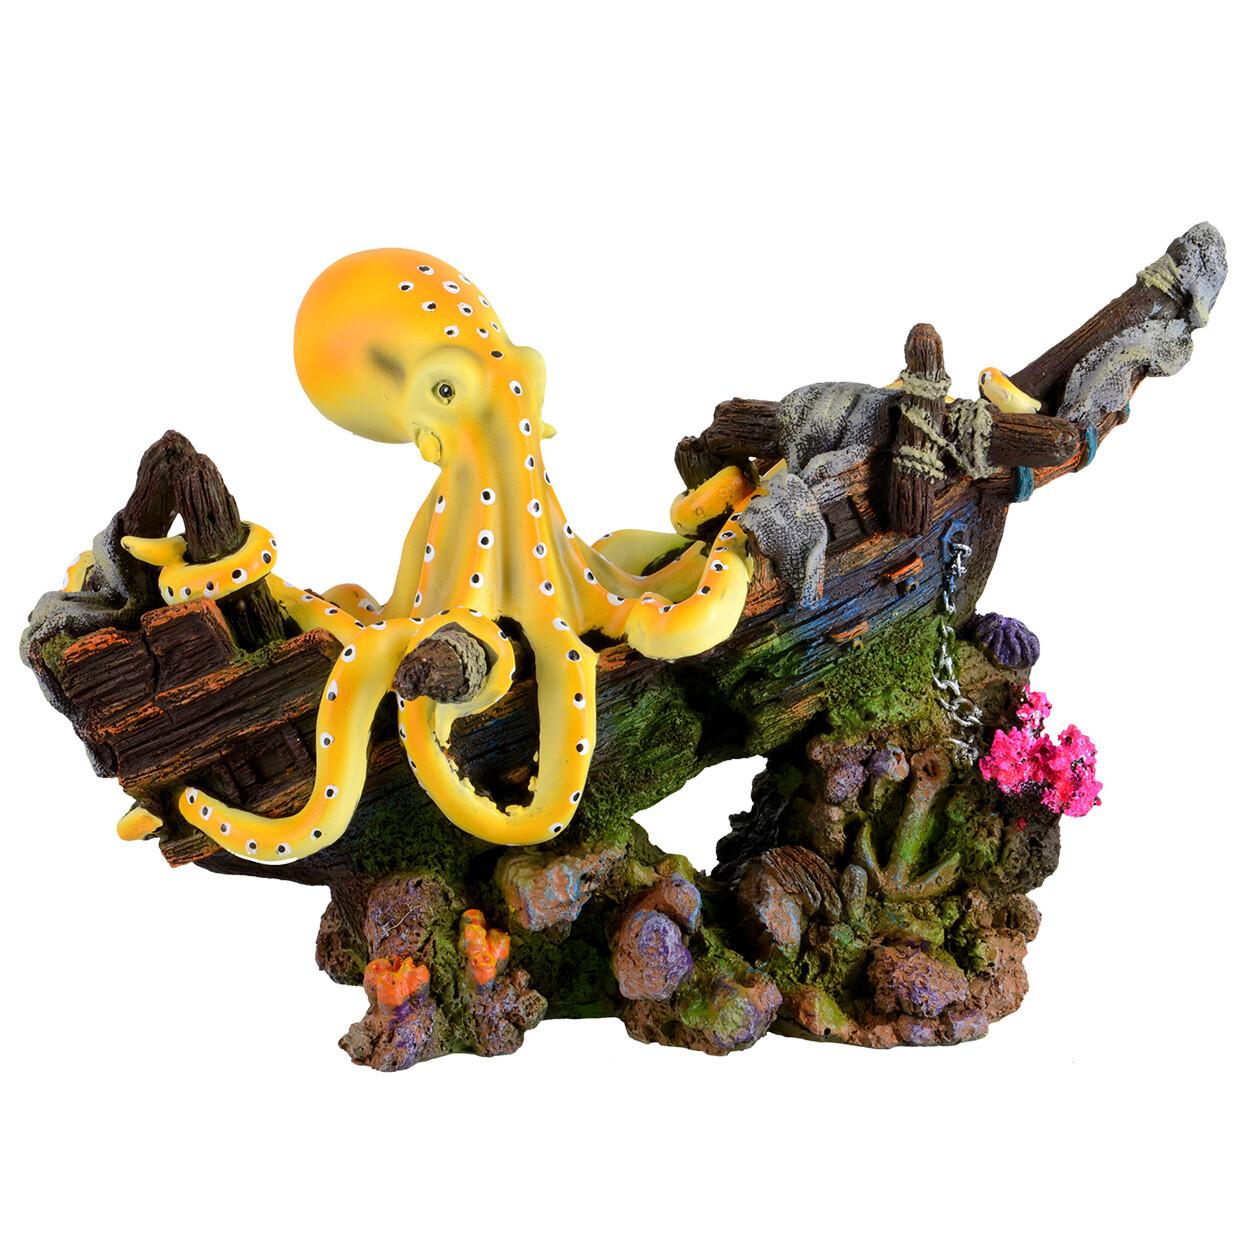 Underwater Treasures Octopus Wreakage